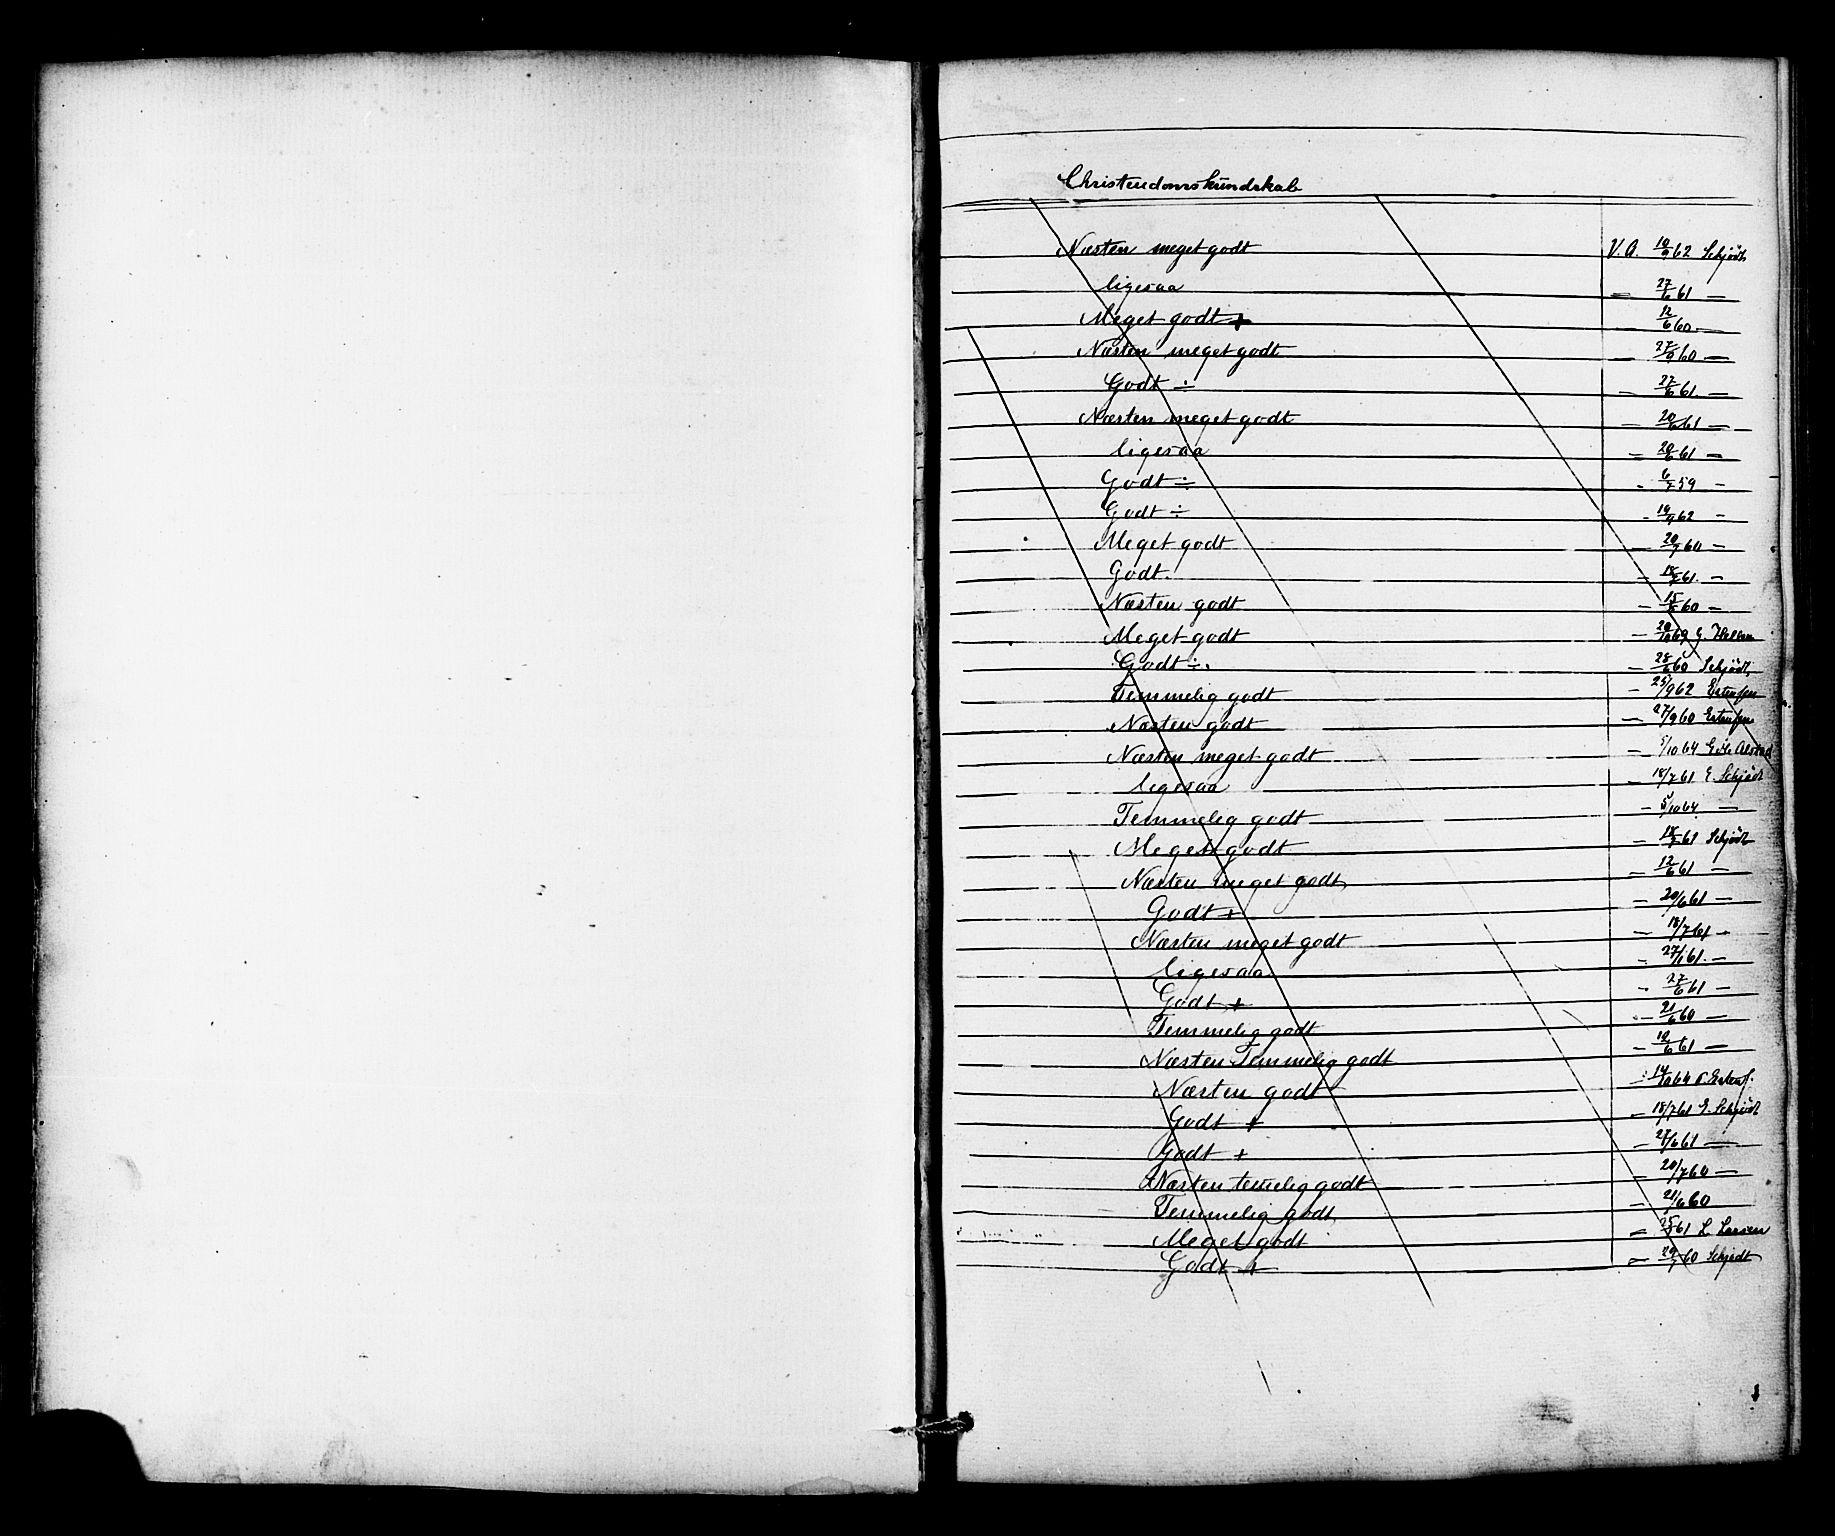 SAT, Ministerialprotokoller, klokkerbøker og fødselsregistre - Nord-Trøndelag, 706/L0041: Ministerialbok nr. 706A02, 1862-1877, s. 93f